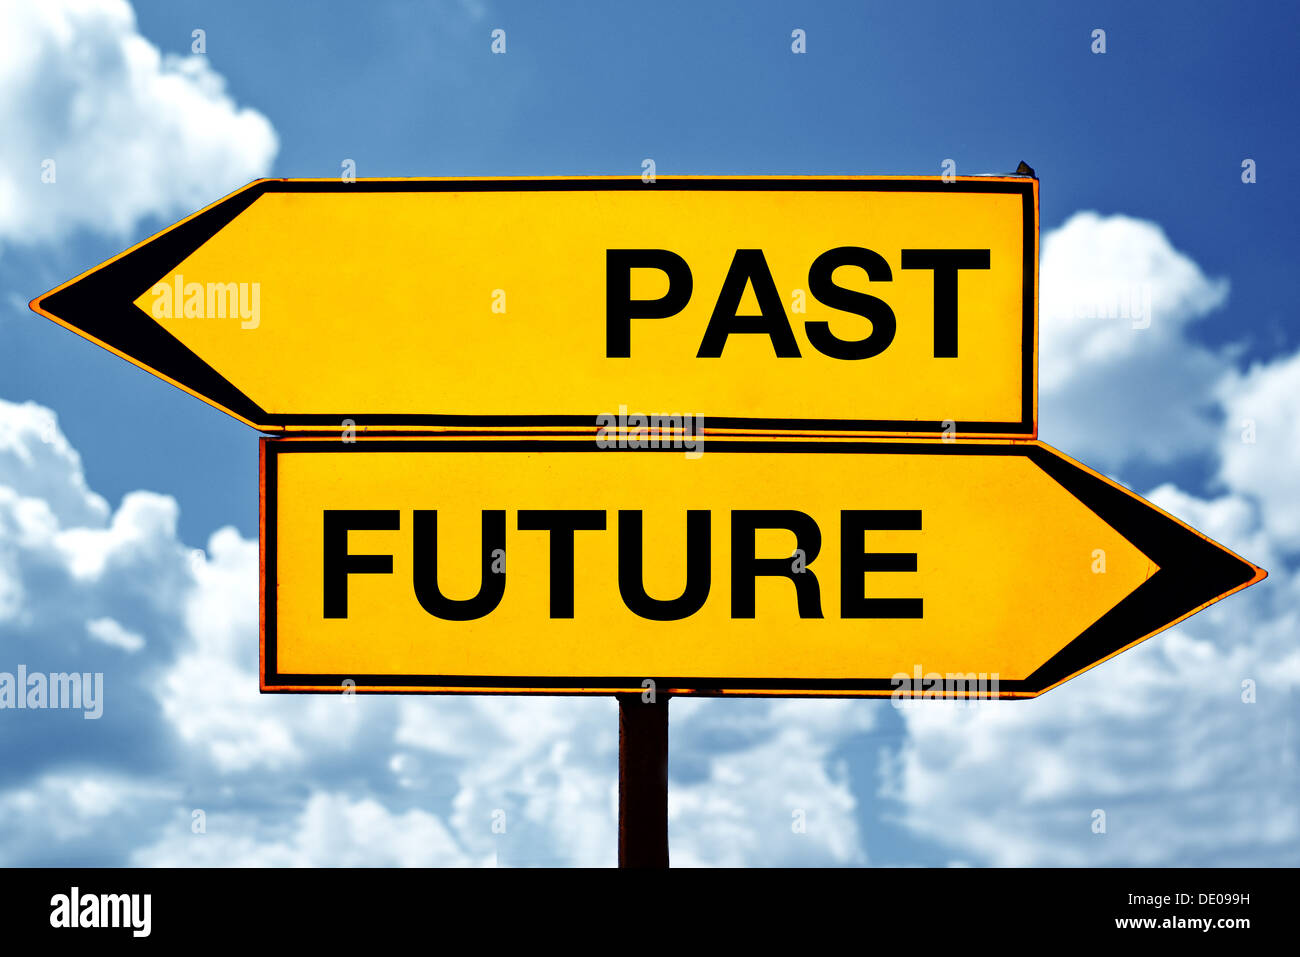 Pasado o futuro, de signos opuestos. Dos signos opuestos contra el cielo azul de fondo. Imagen De Stock